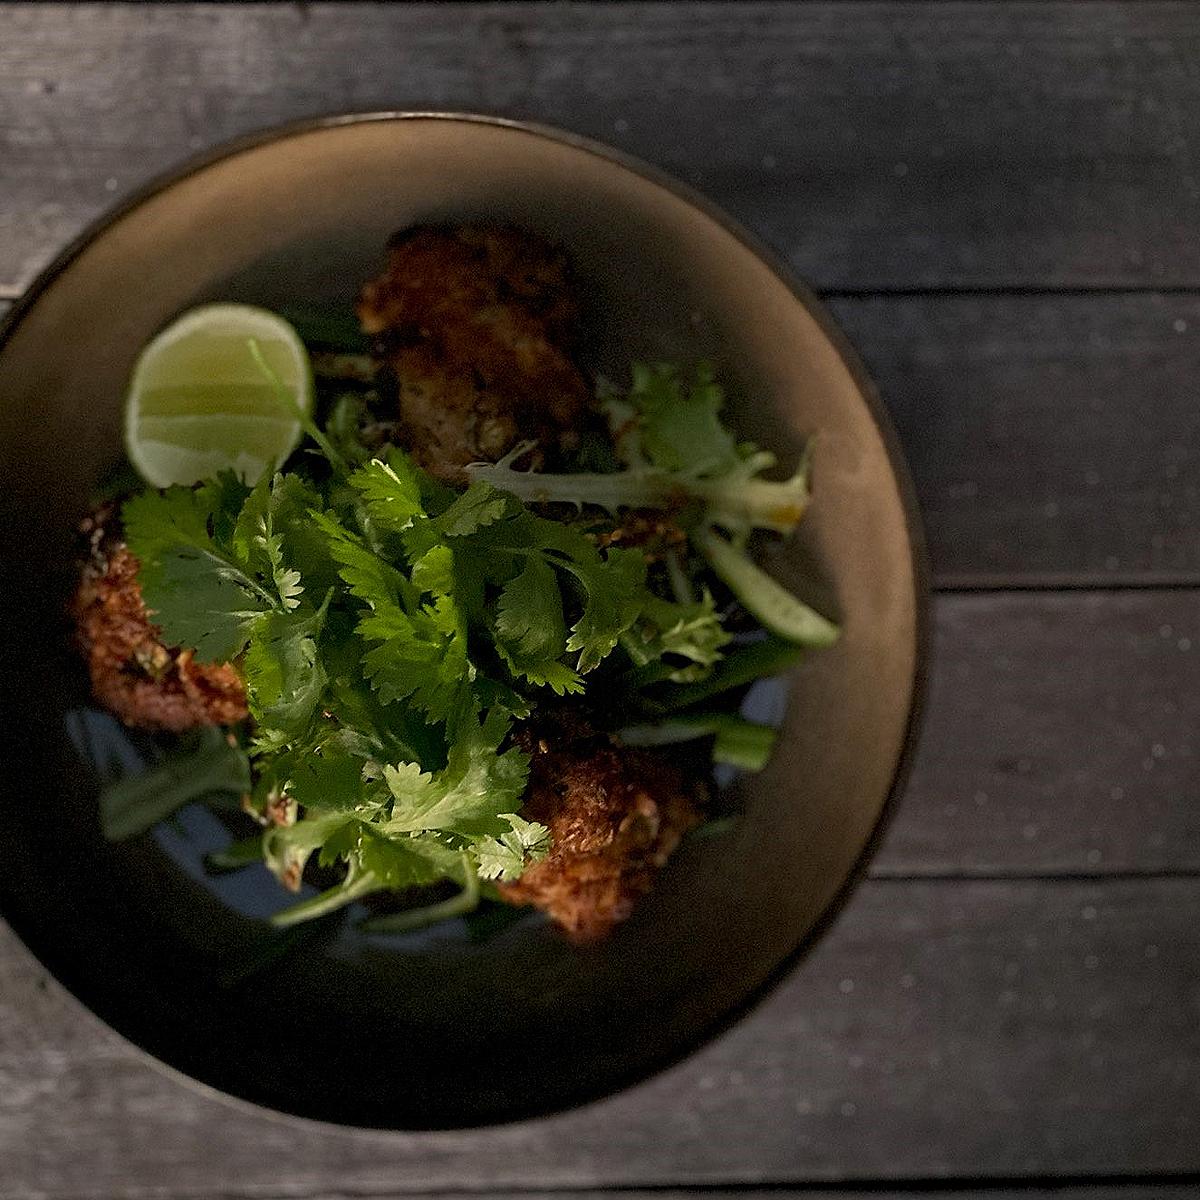 Dan & Steph's Asian Pork Meatball Salad - pork mince